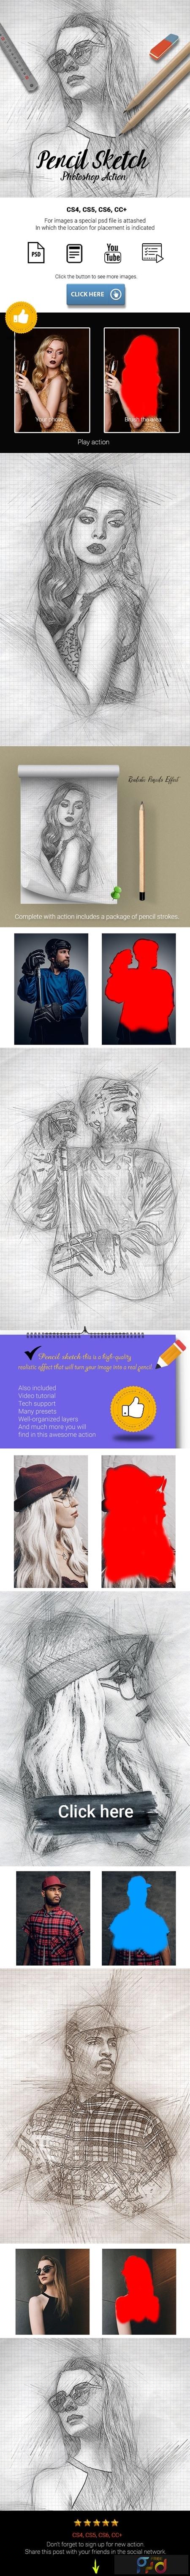 Pencil Sketch Photoshop Action 25638686 1